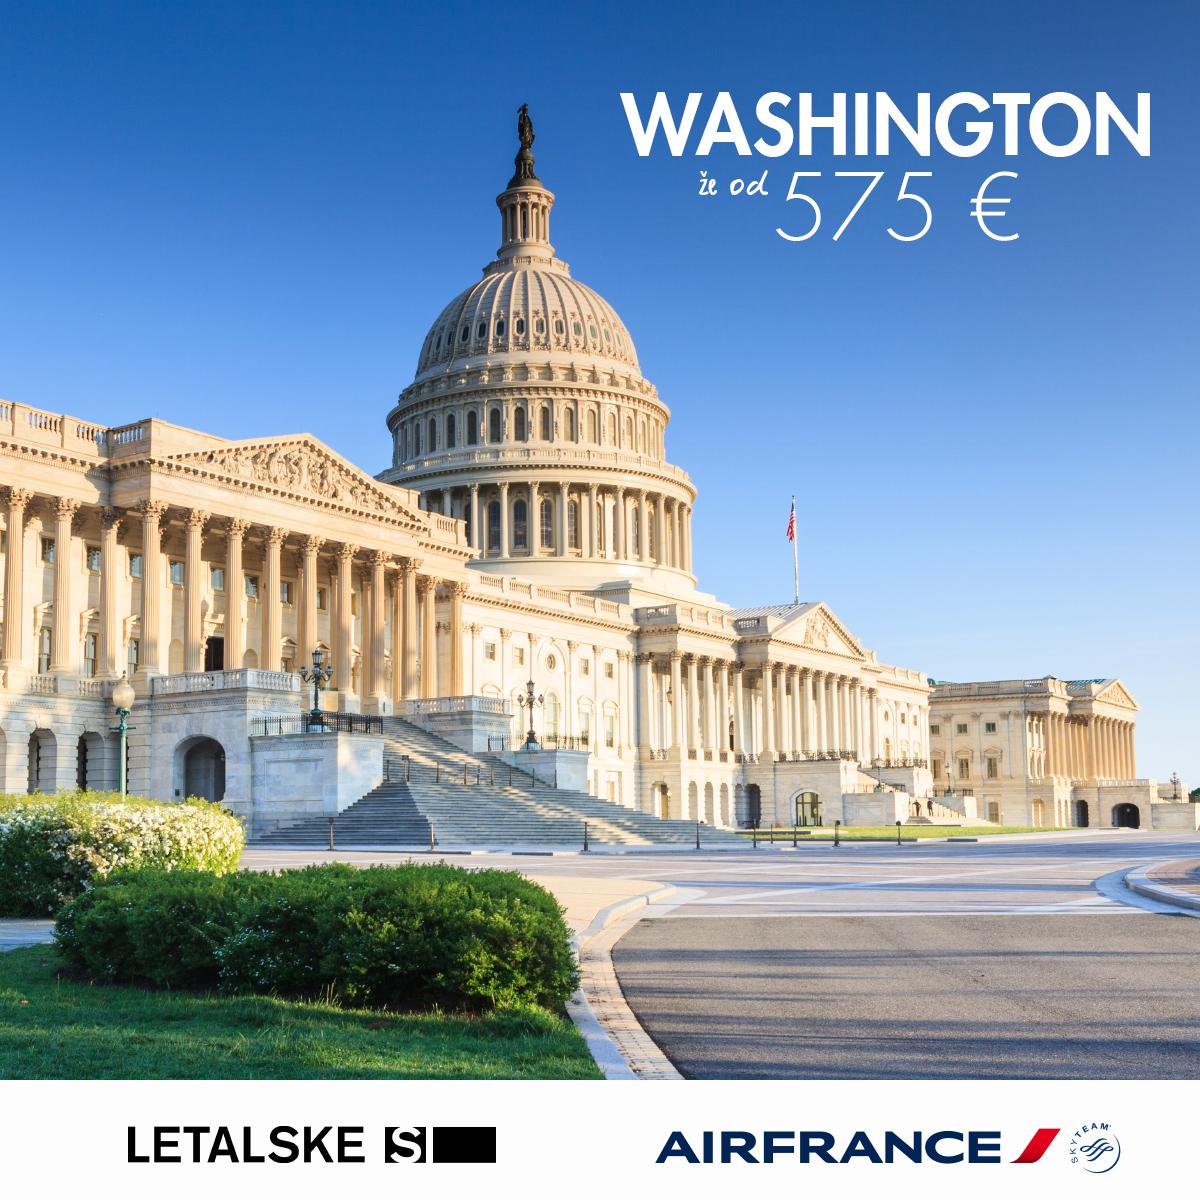 Washington vizual, Washington već od 1400 kuna, Washington jeftine avio karte, putovanje za Washington